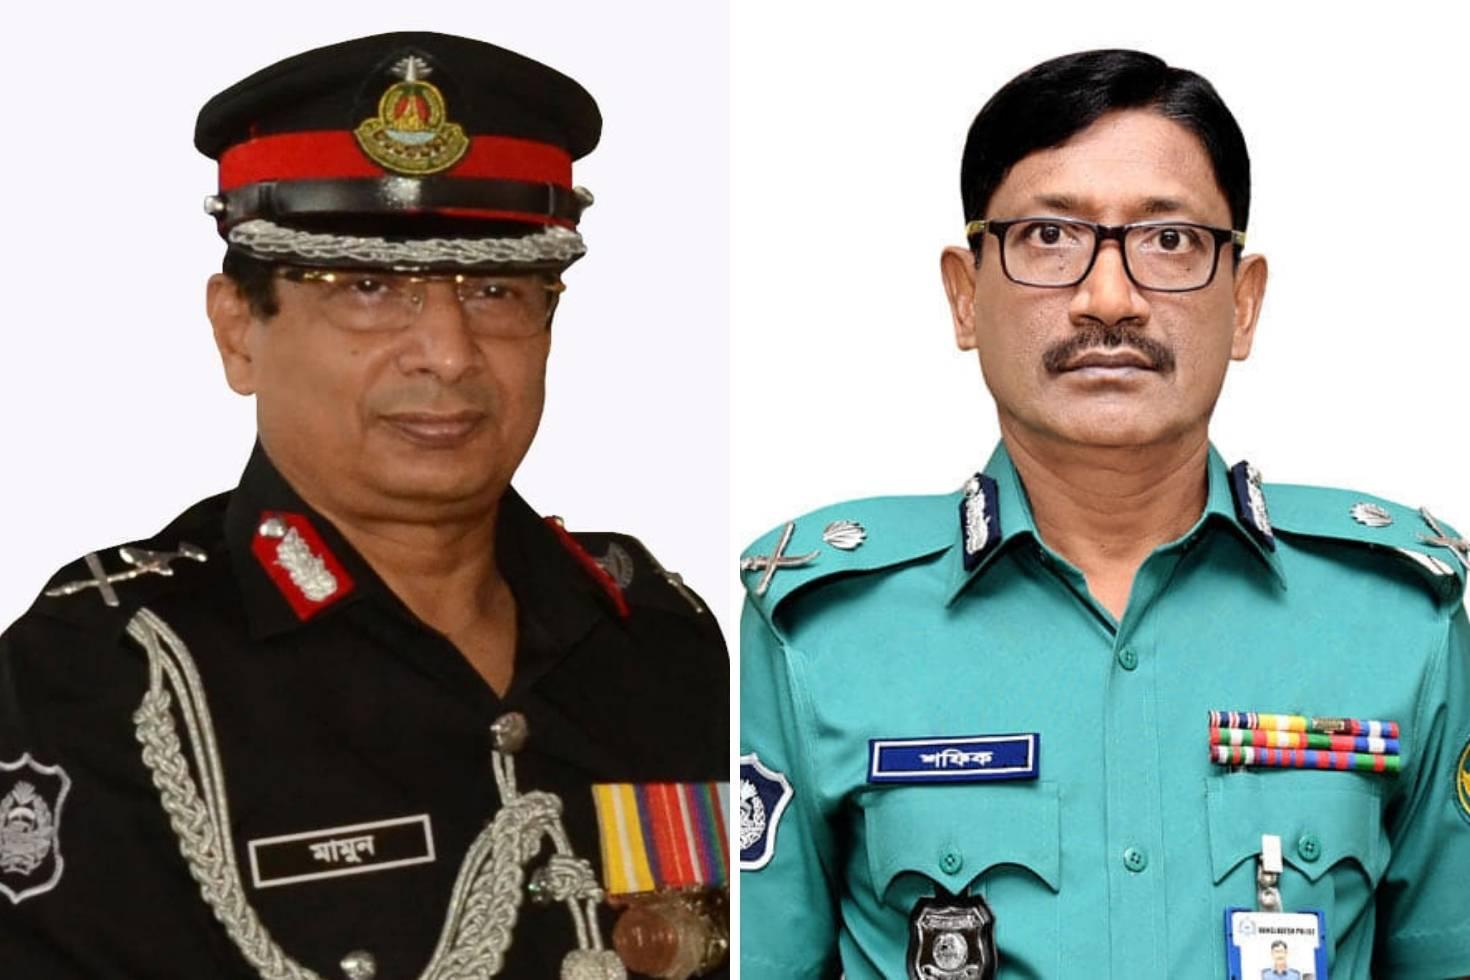 পদোন্নতি পেলেন র্যাব মহাপরিচালক-ডিএমপি কমিশনার